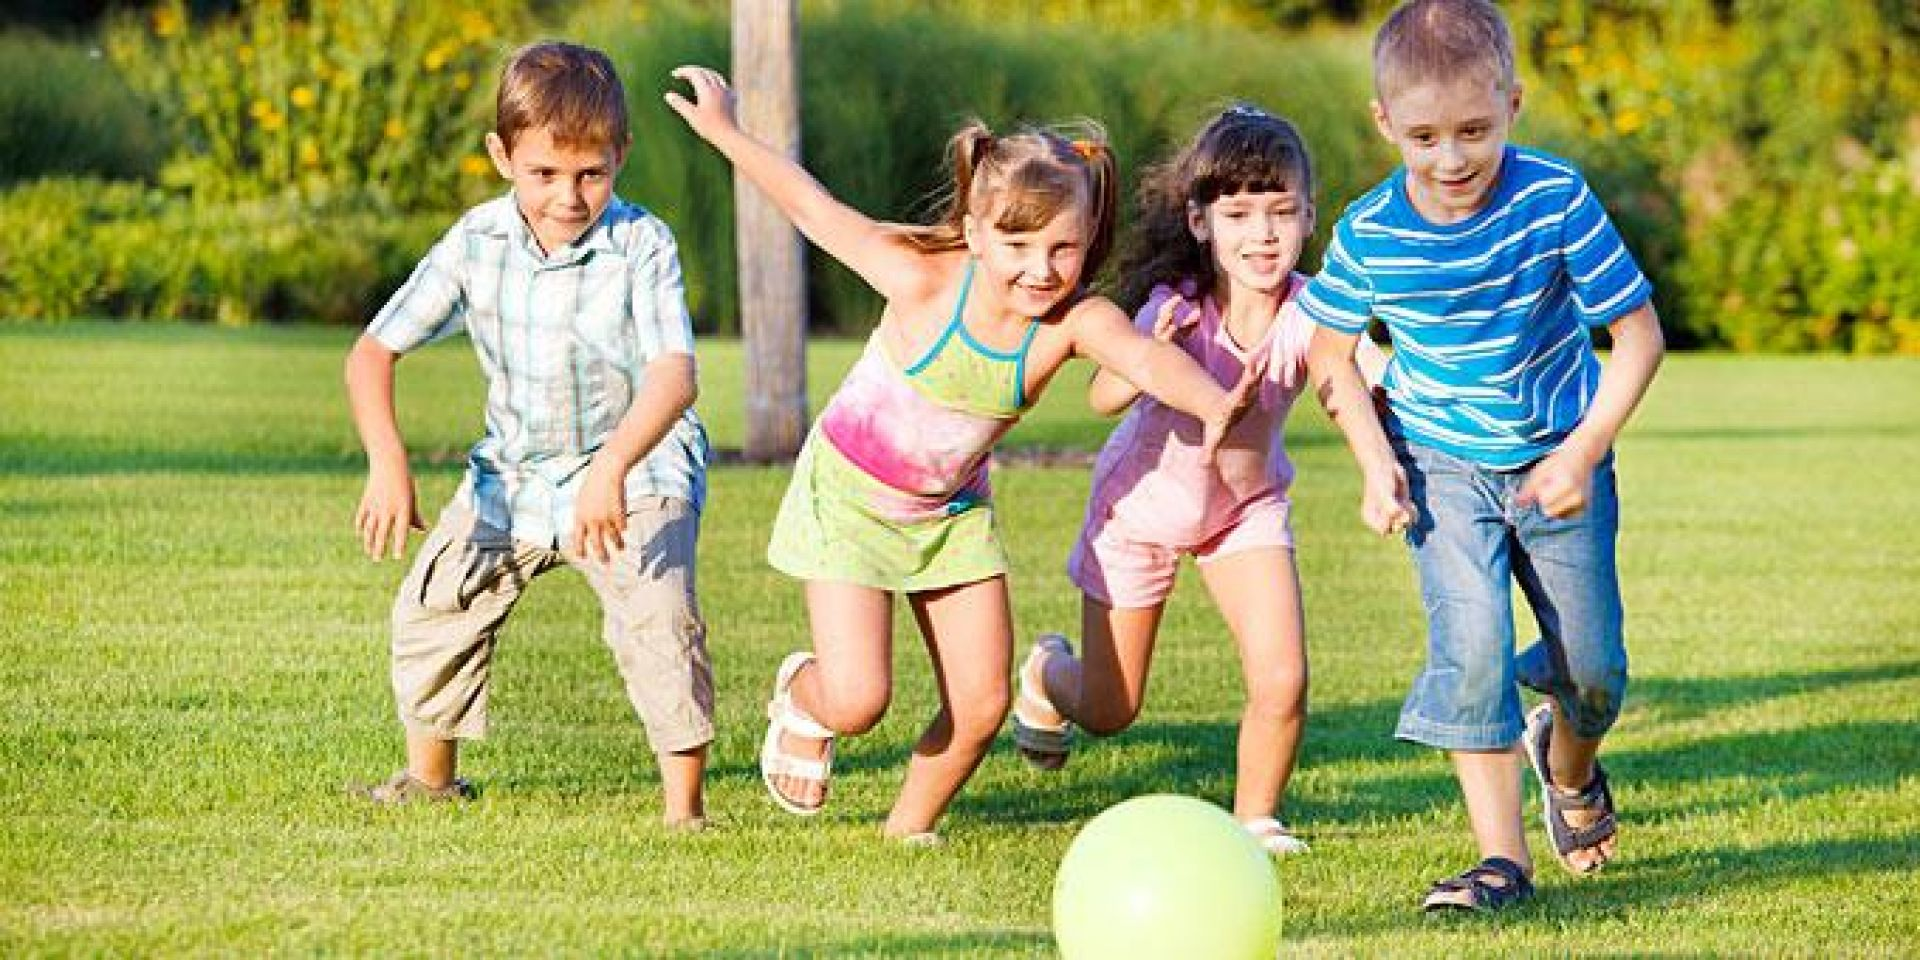 Τι προσφέρουν σε ένα παιδί τα αθλήματα